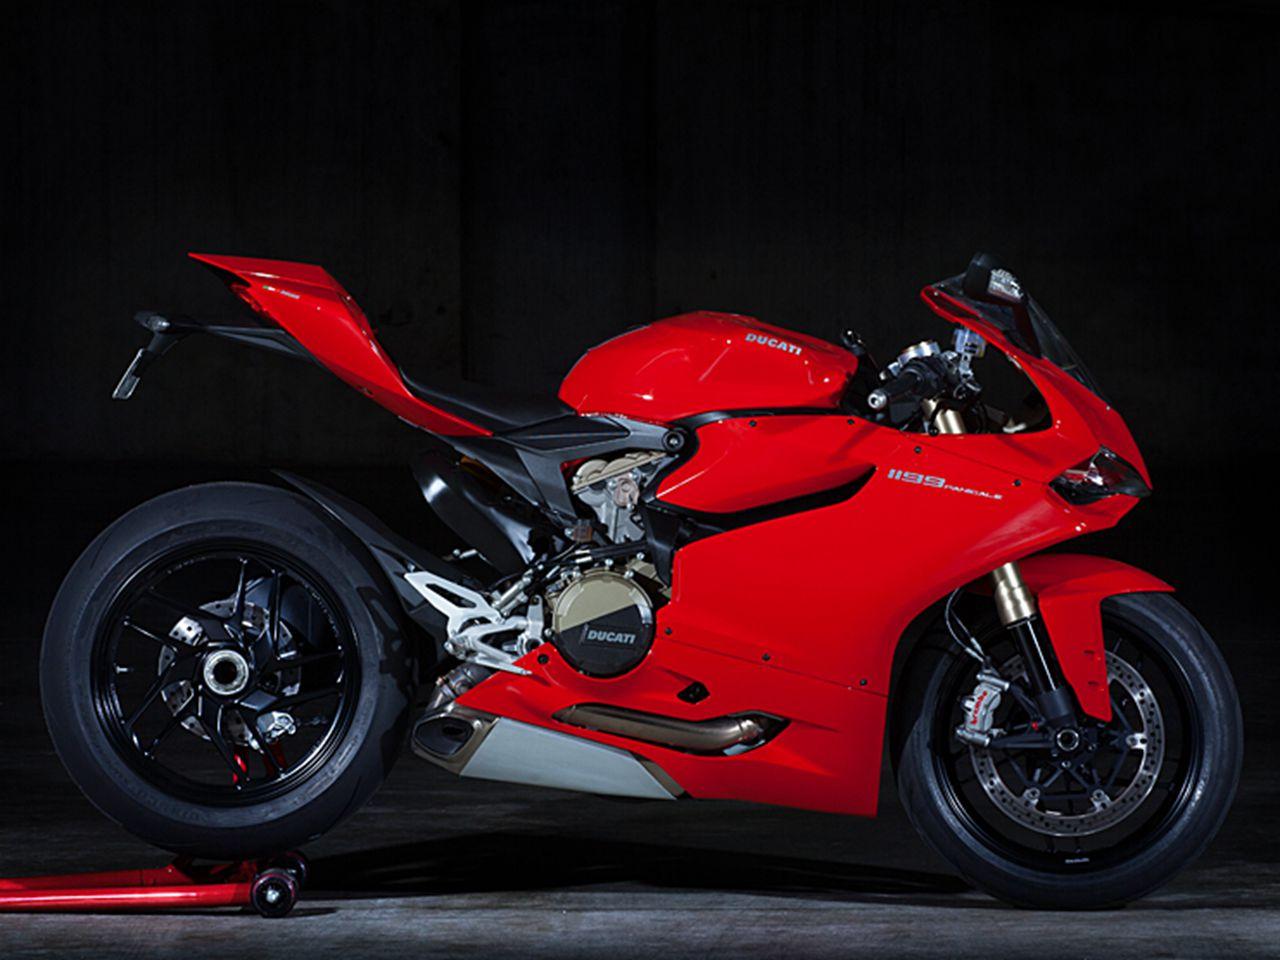 【杜卡迪ducati Superbike 1199 Panigale R 图片】 摩托车图片库 摩托车之家